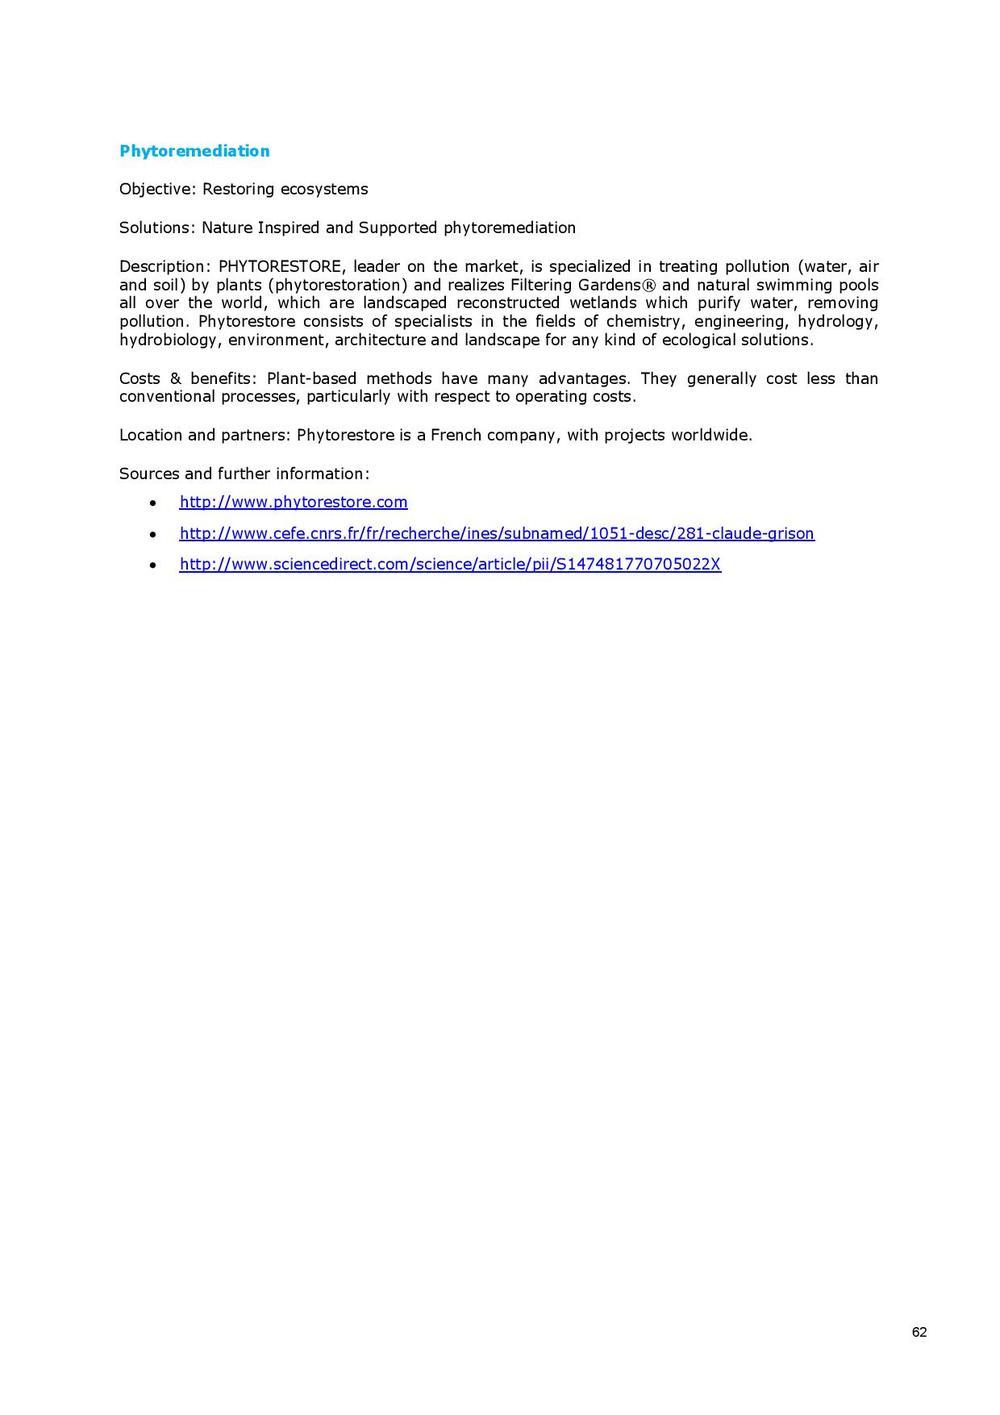 DG RTD_WEB-Publication A4_NBS_long_version_20150310-page-064.jpg